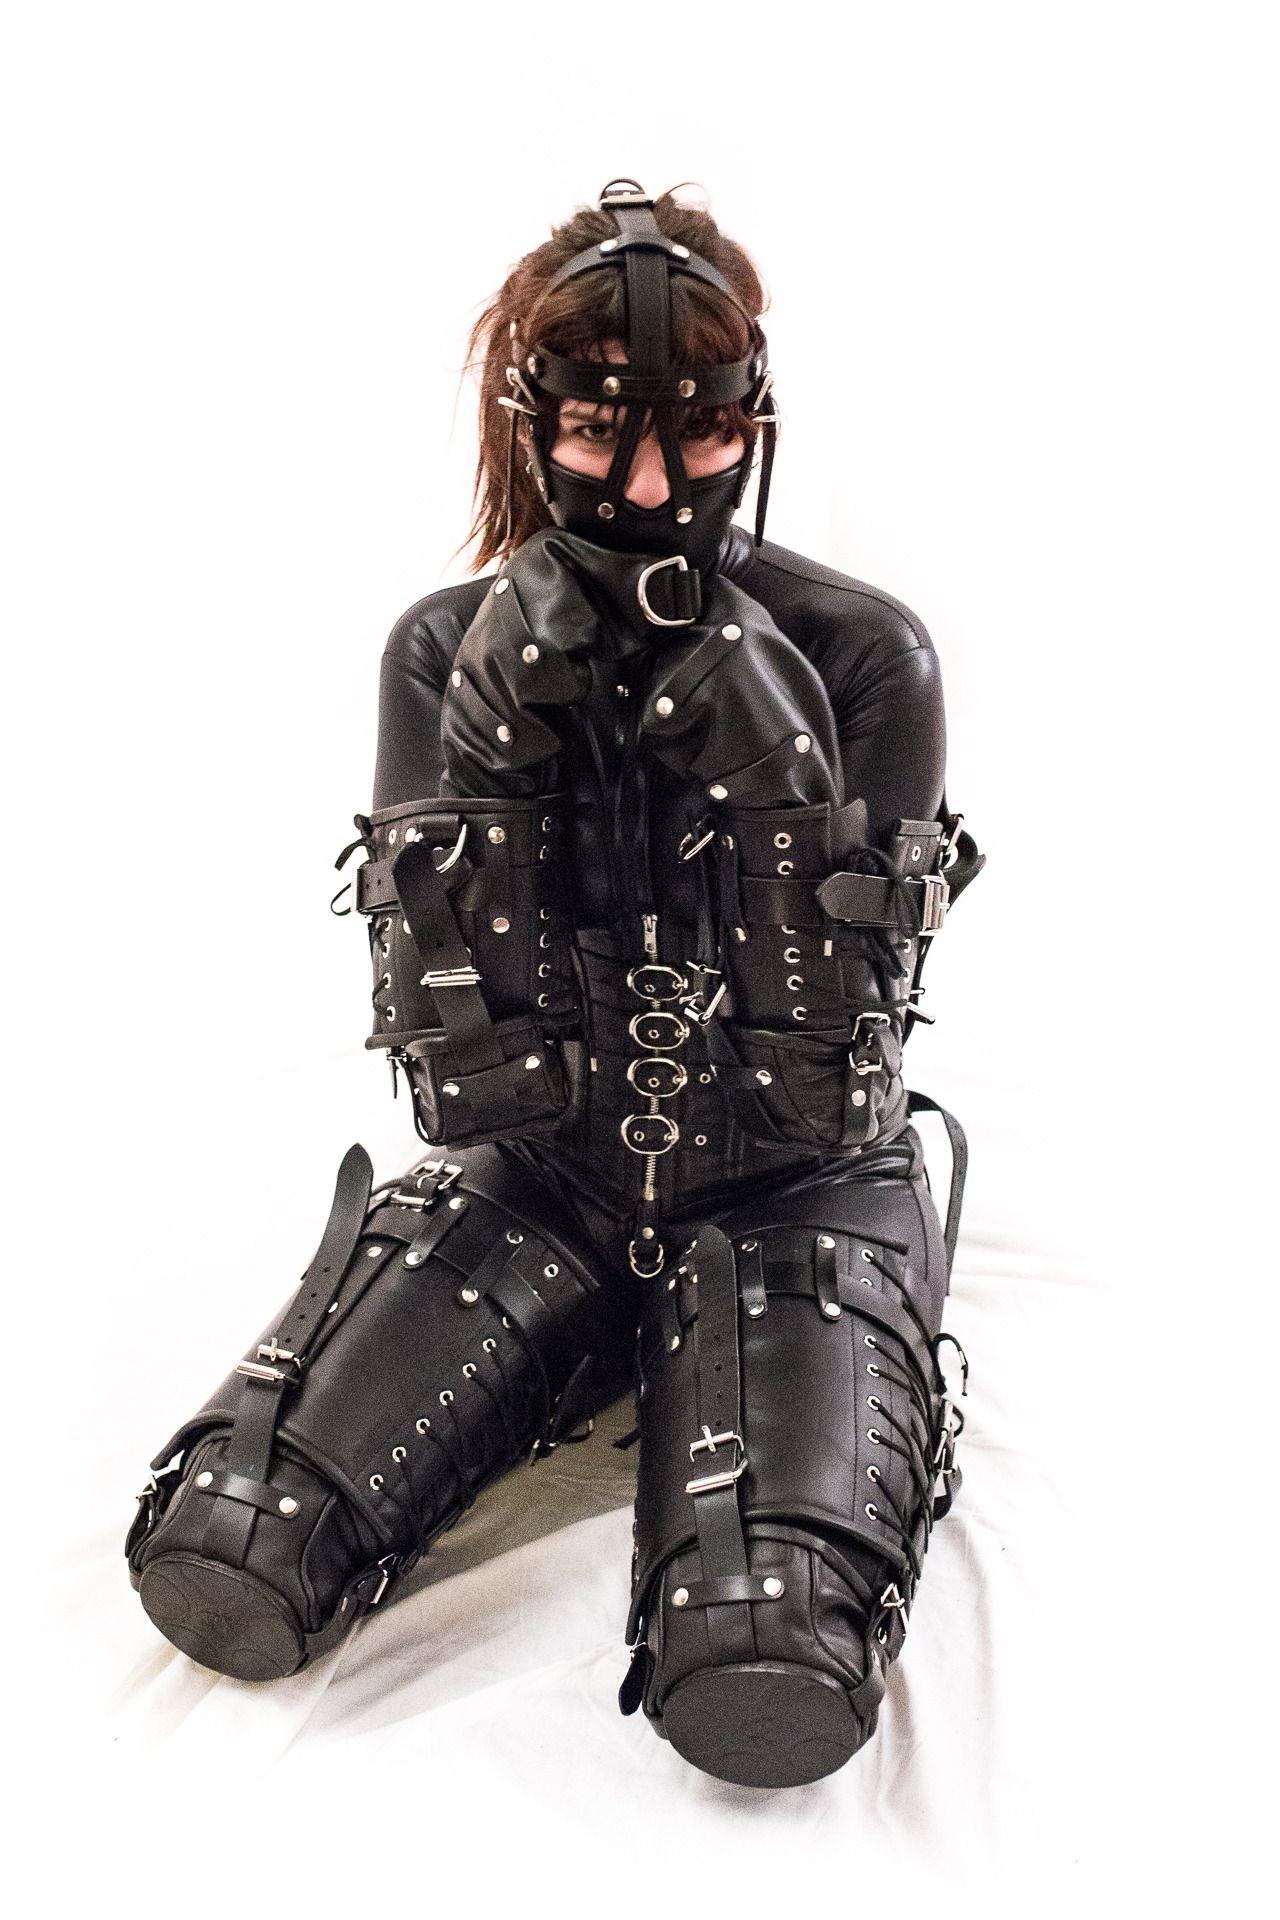 Leather bondage suit